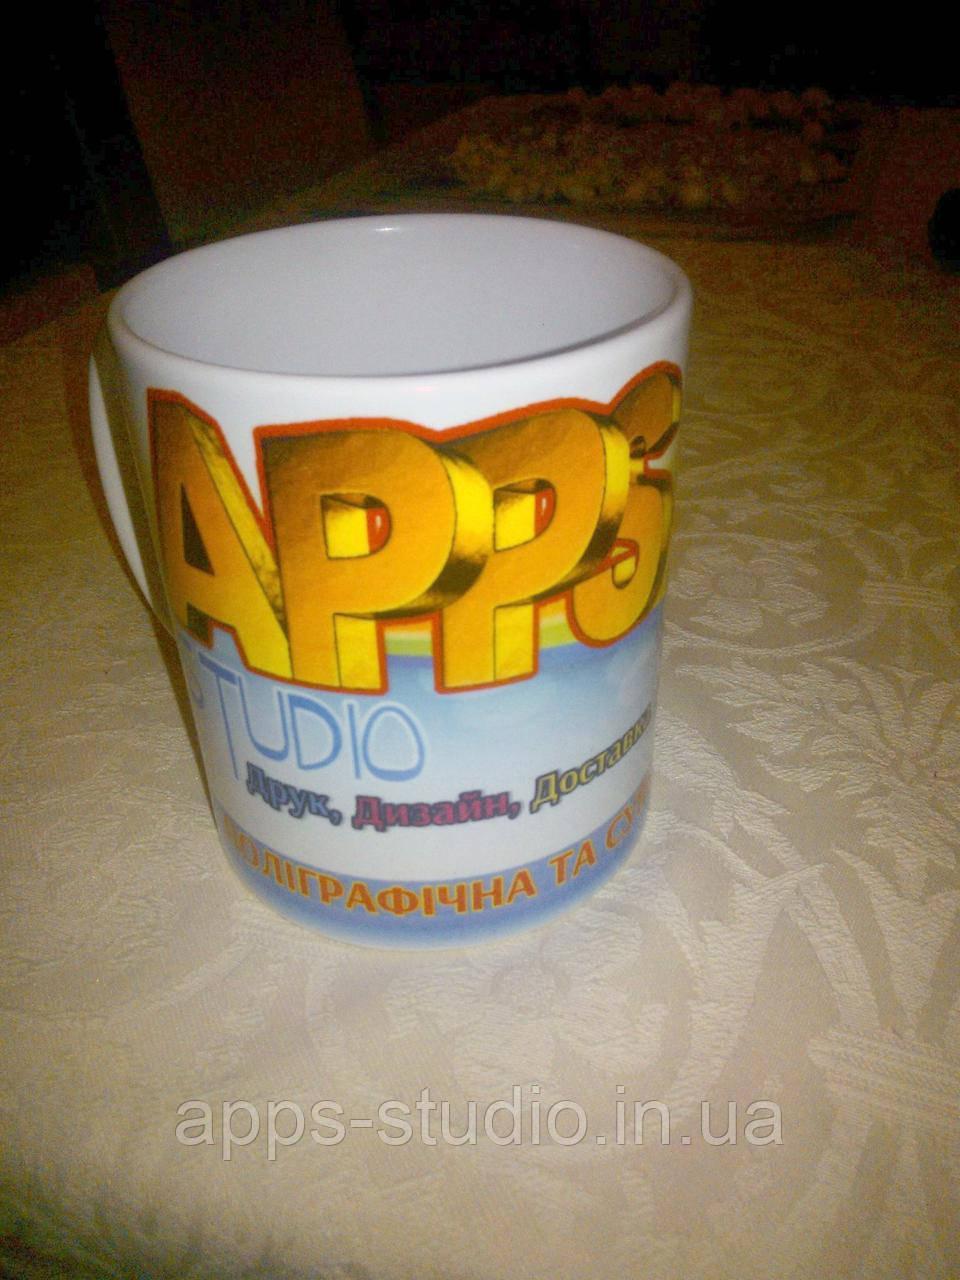 Фото на чашці